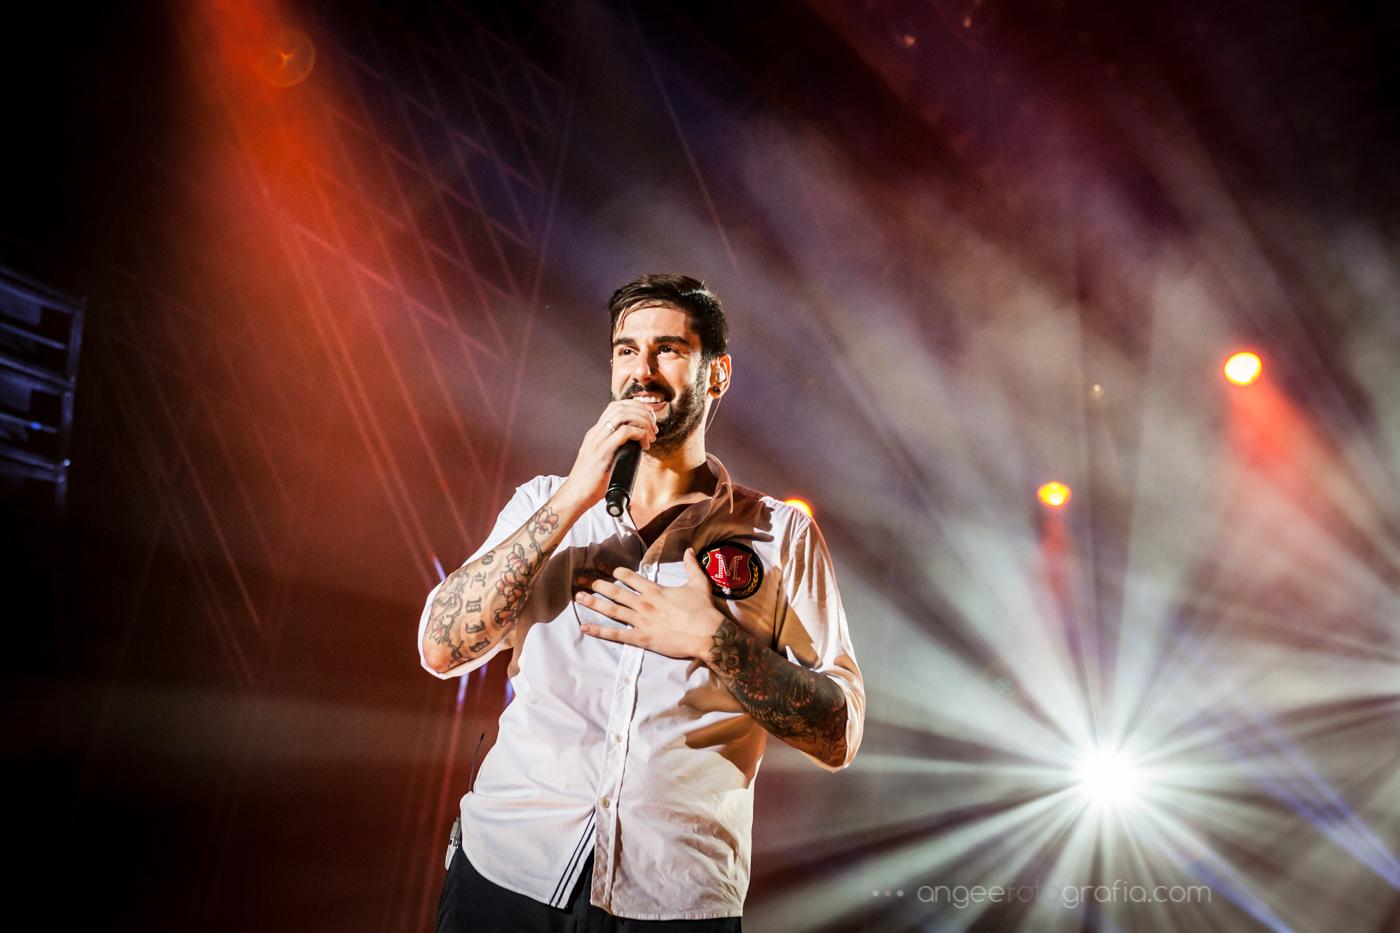 Mlendi en concierto por Angela Gonzalez Fotografía